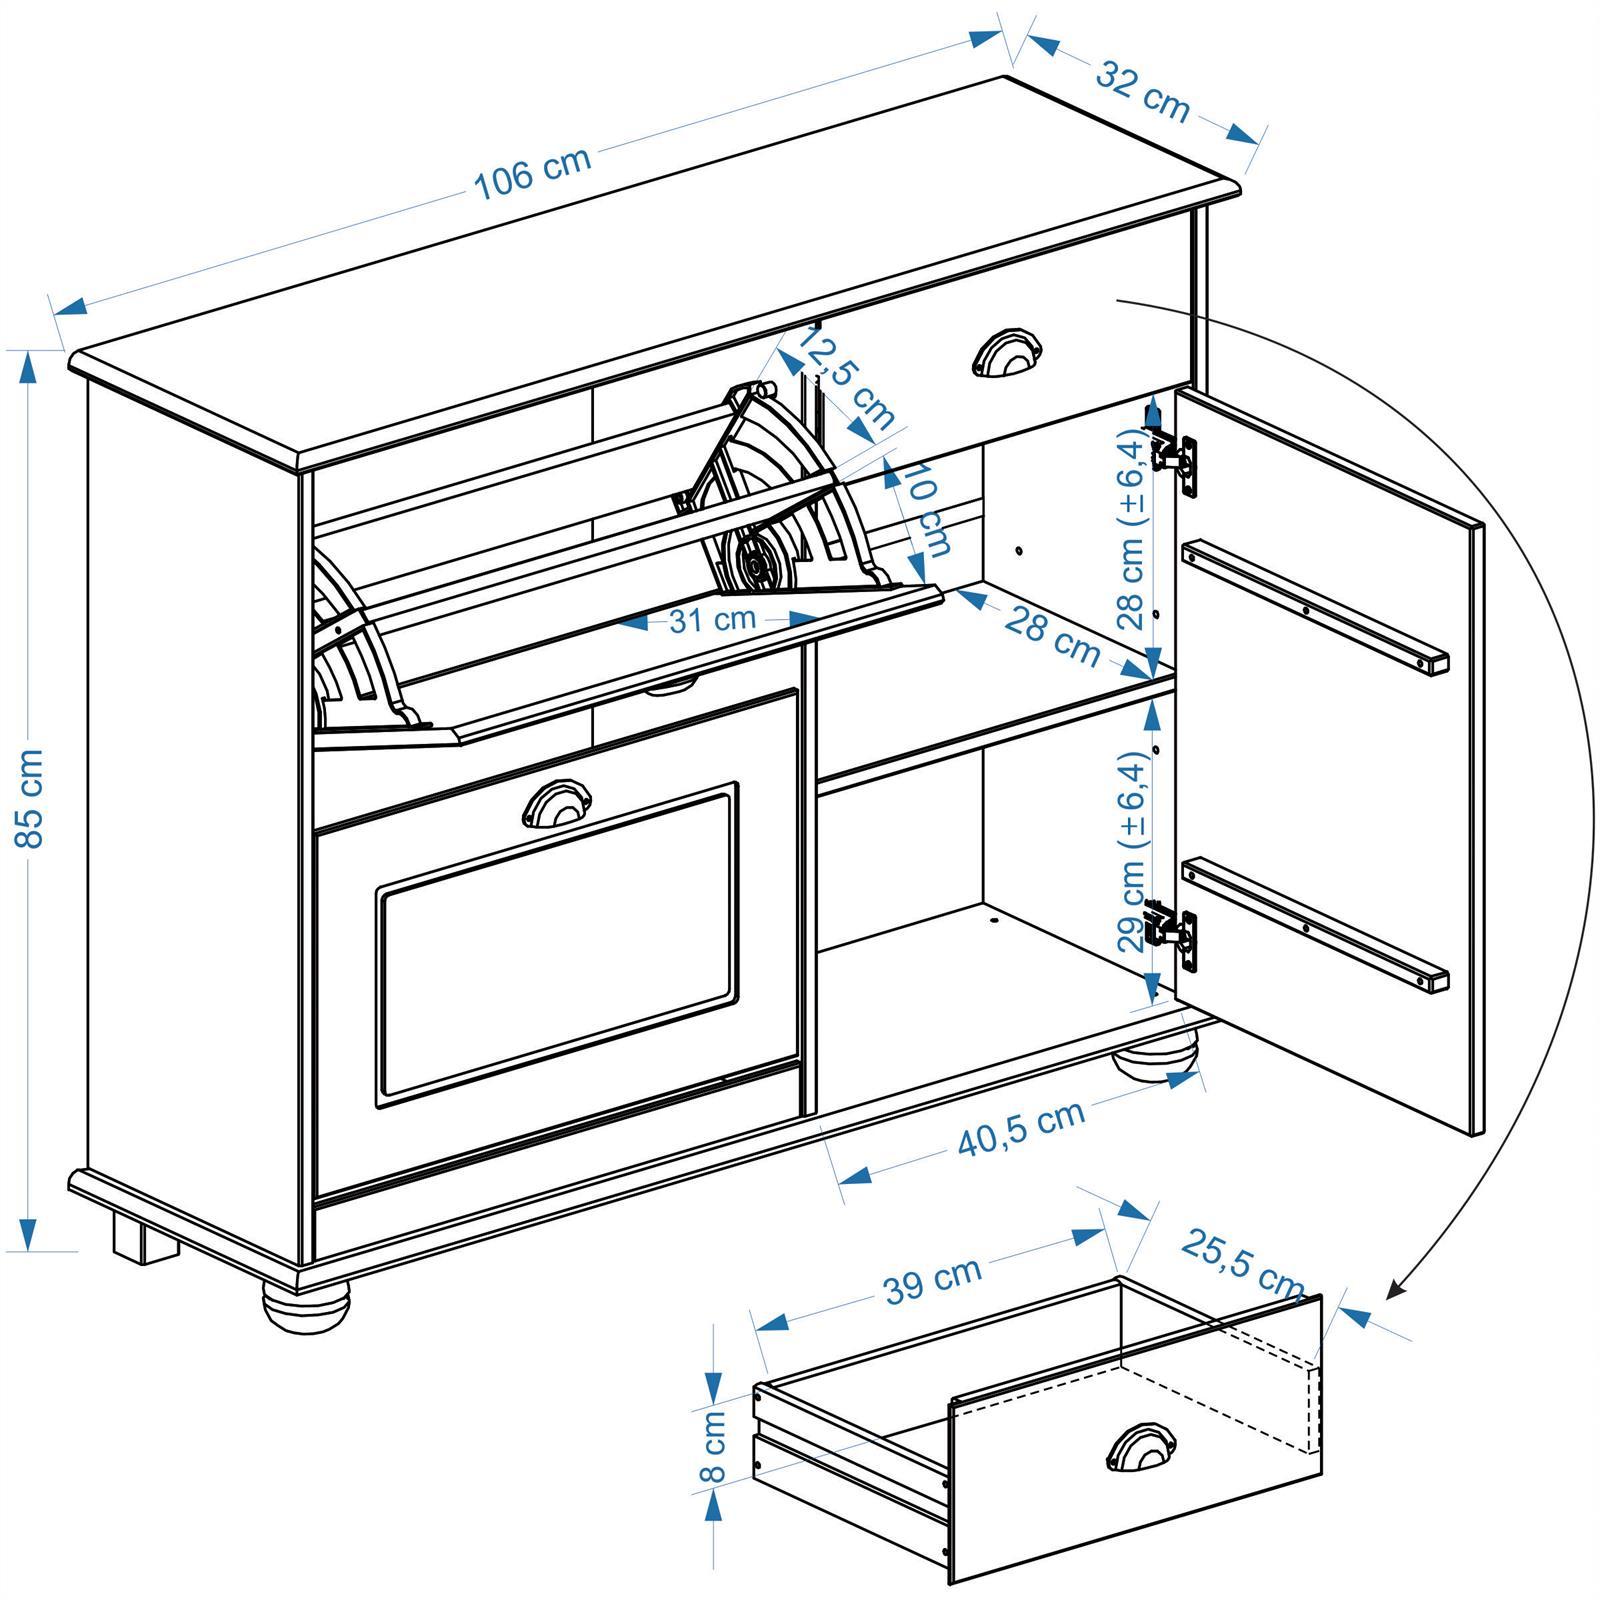 meuble chaussures en pin colmar lasur blanc mobil. Black Bedroom Furniture Sets. Home Design Ideas